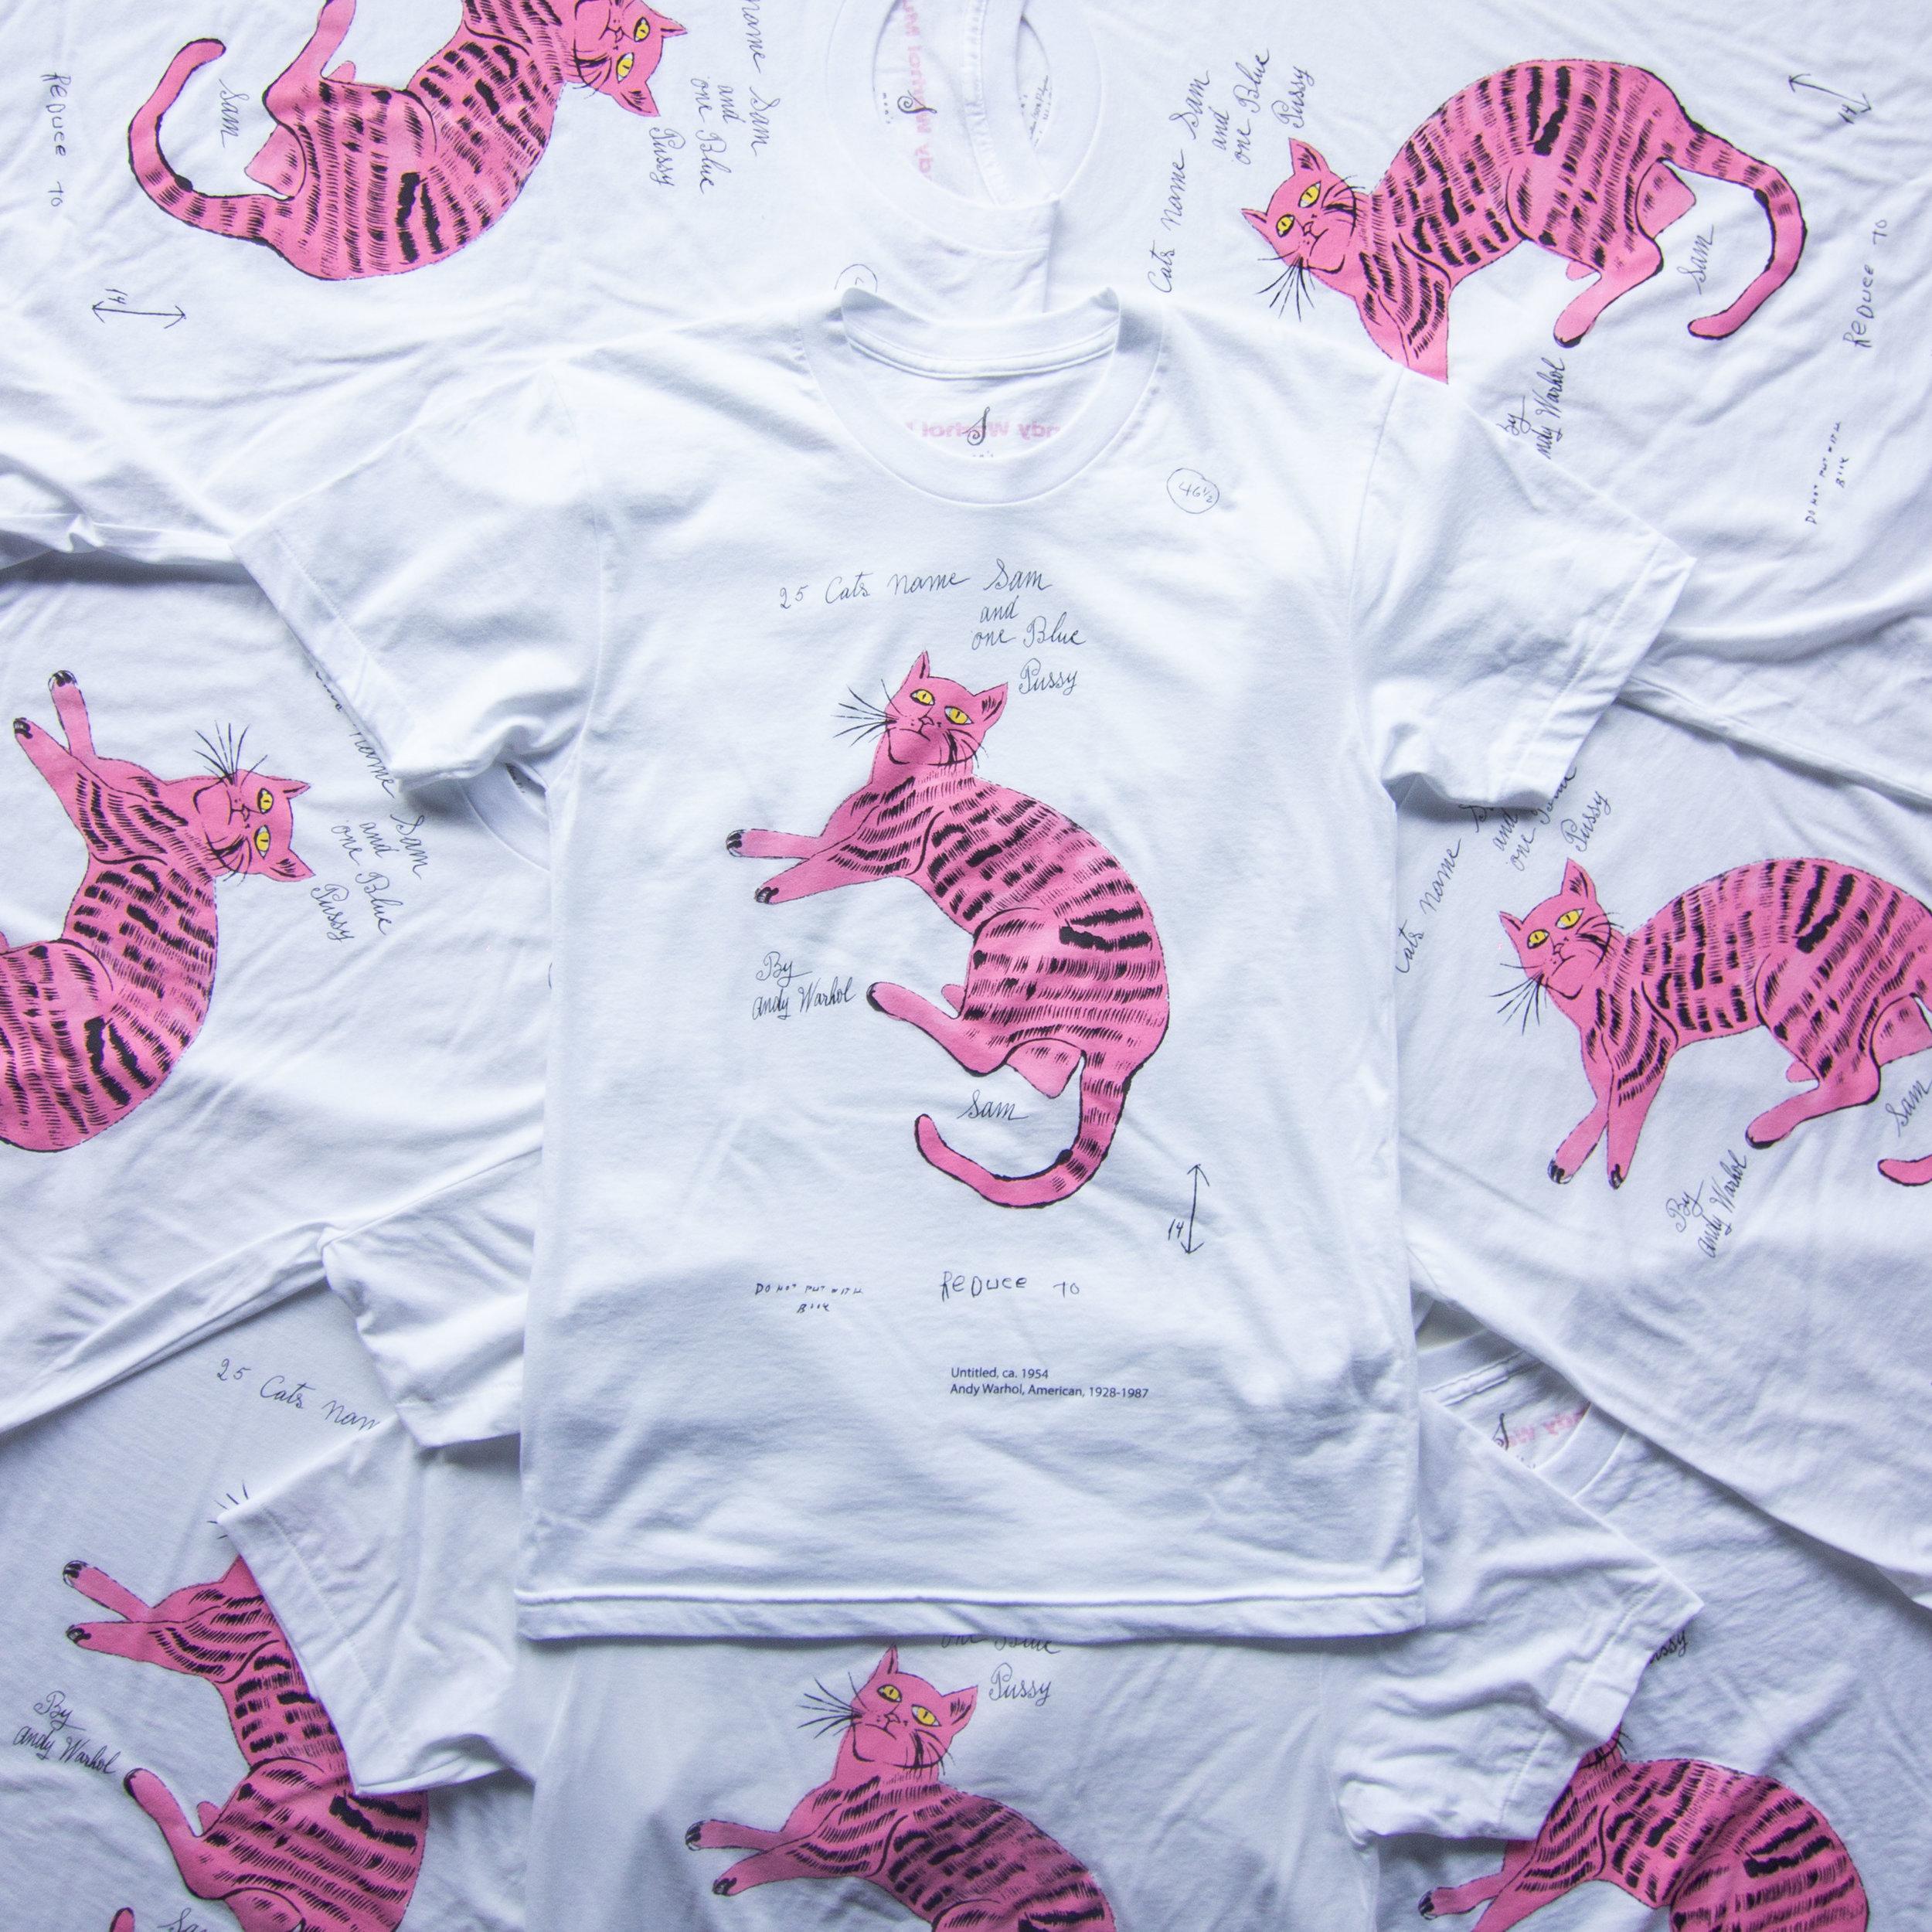 Warhol [Cats]-1.jpg